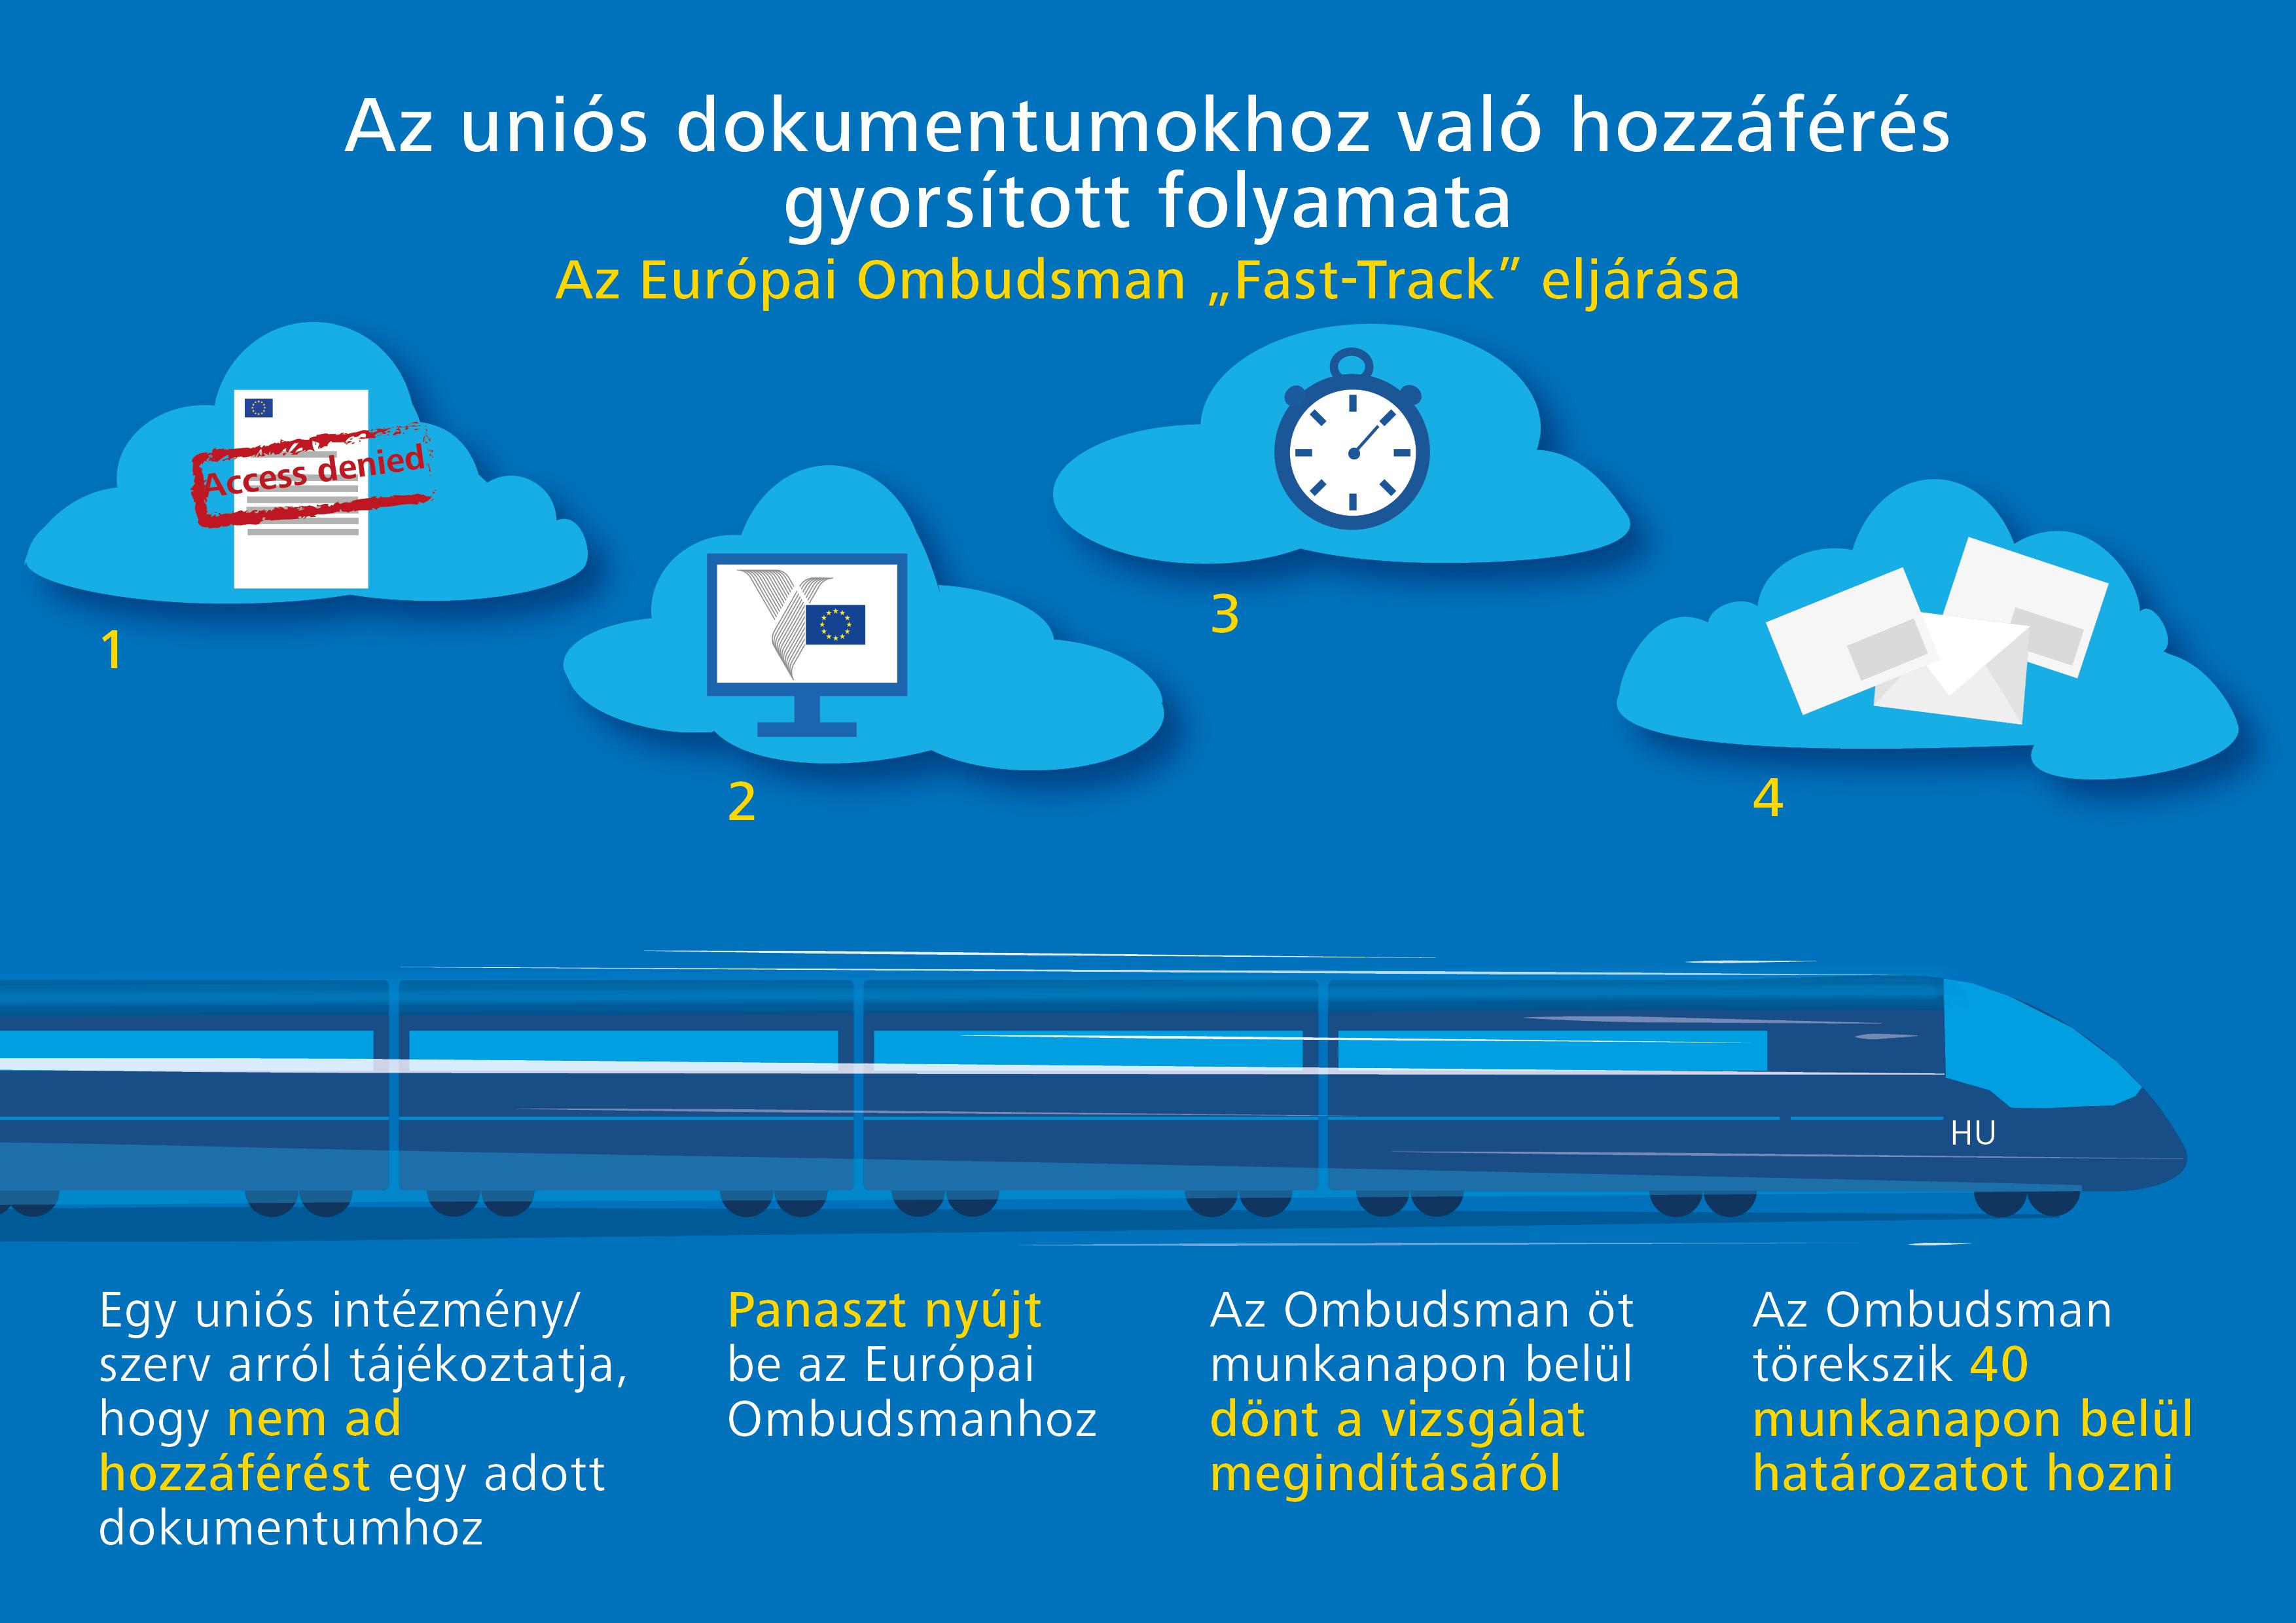 Az uniós dokumentumokhoz való hozzáférés gyorsított folyamata